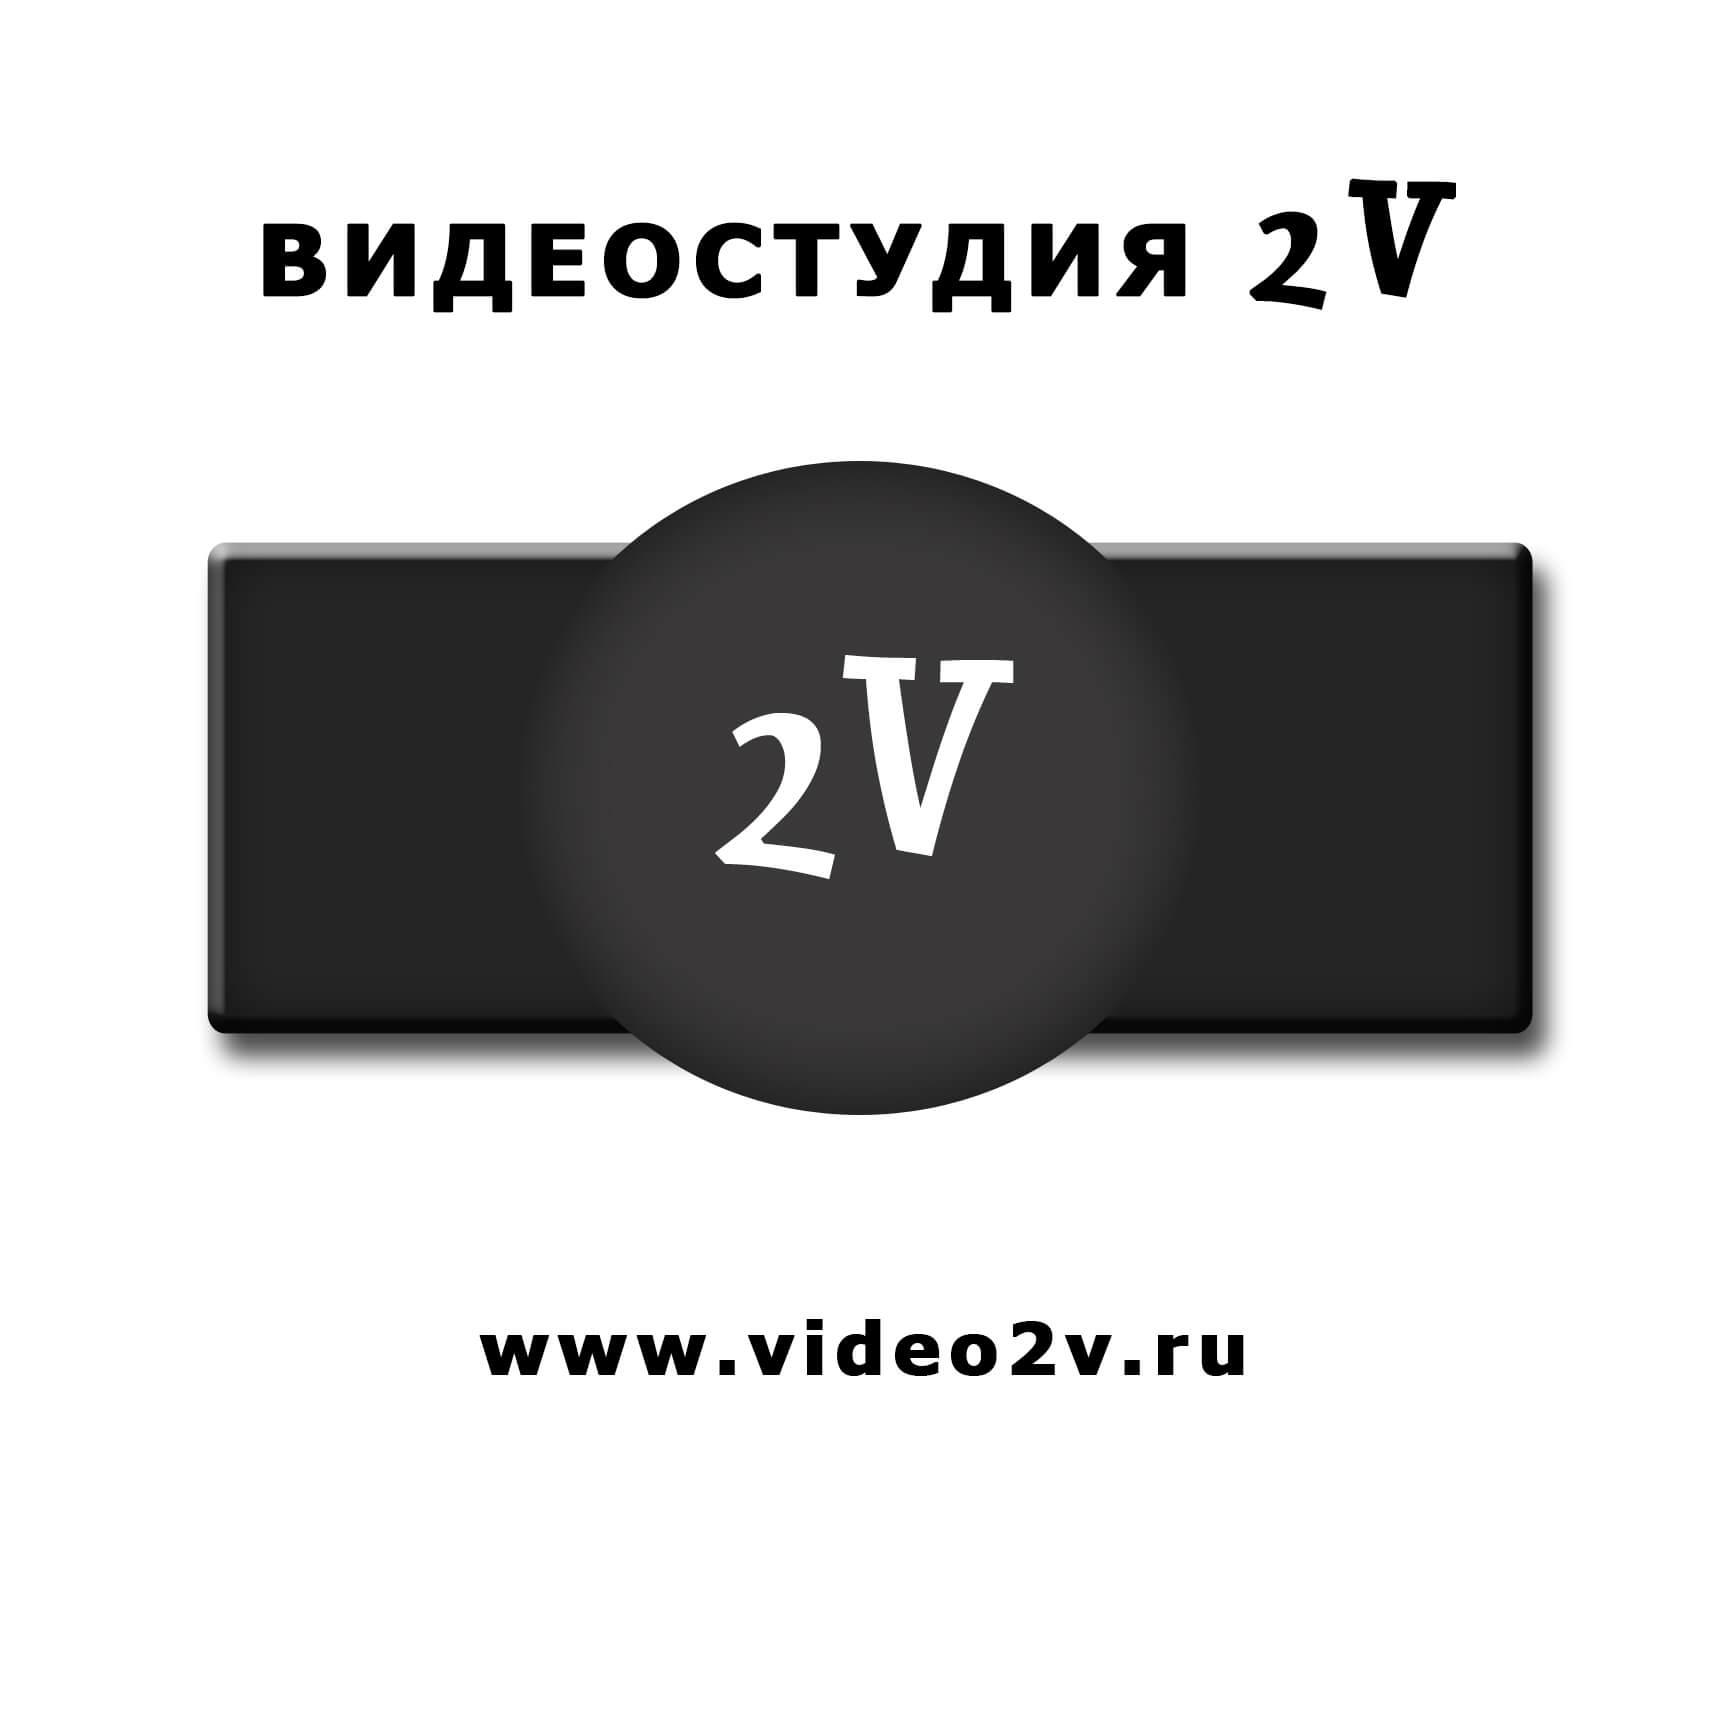 Видеостудия 2V